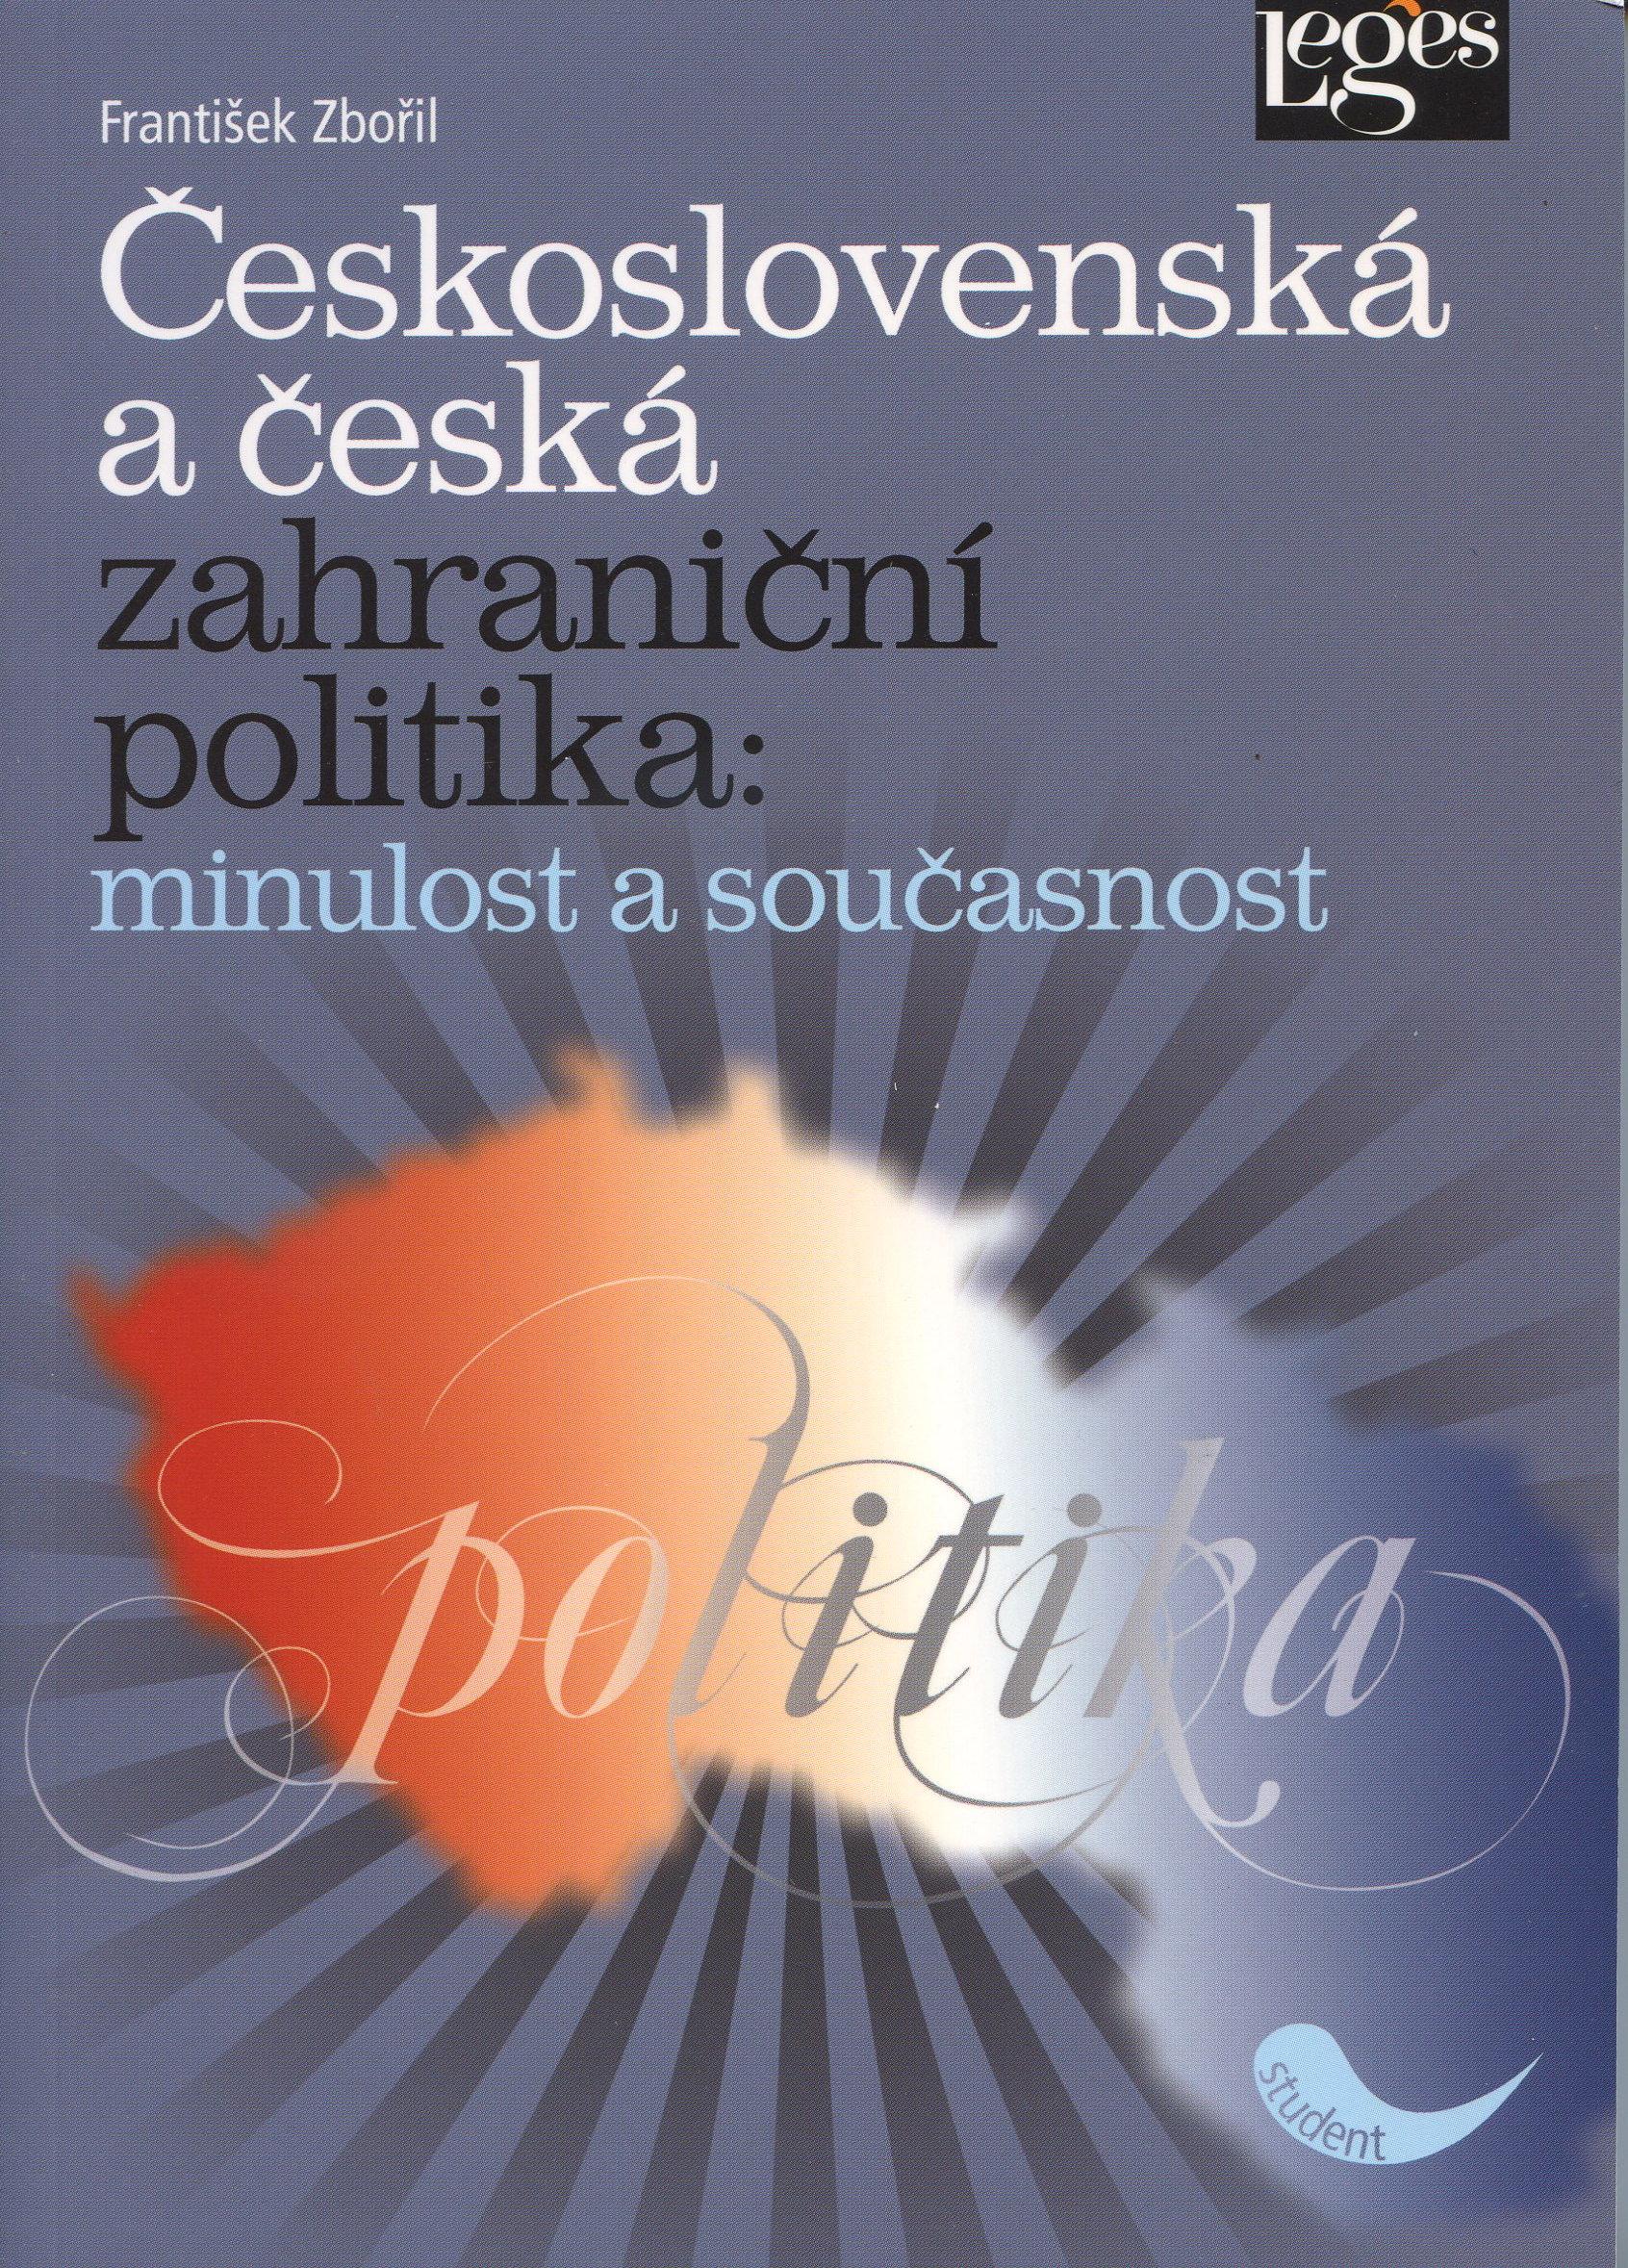 Československá a česká zahraniční politika - Minulost a současnost